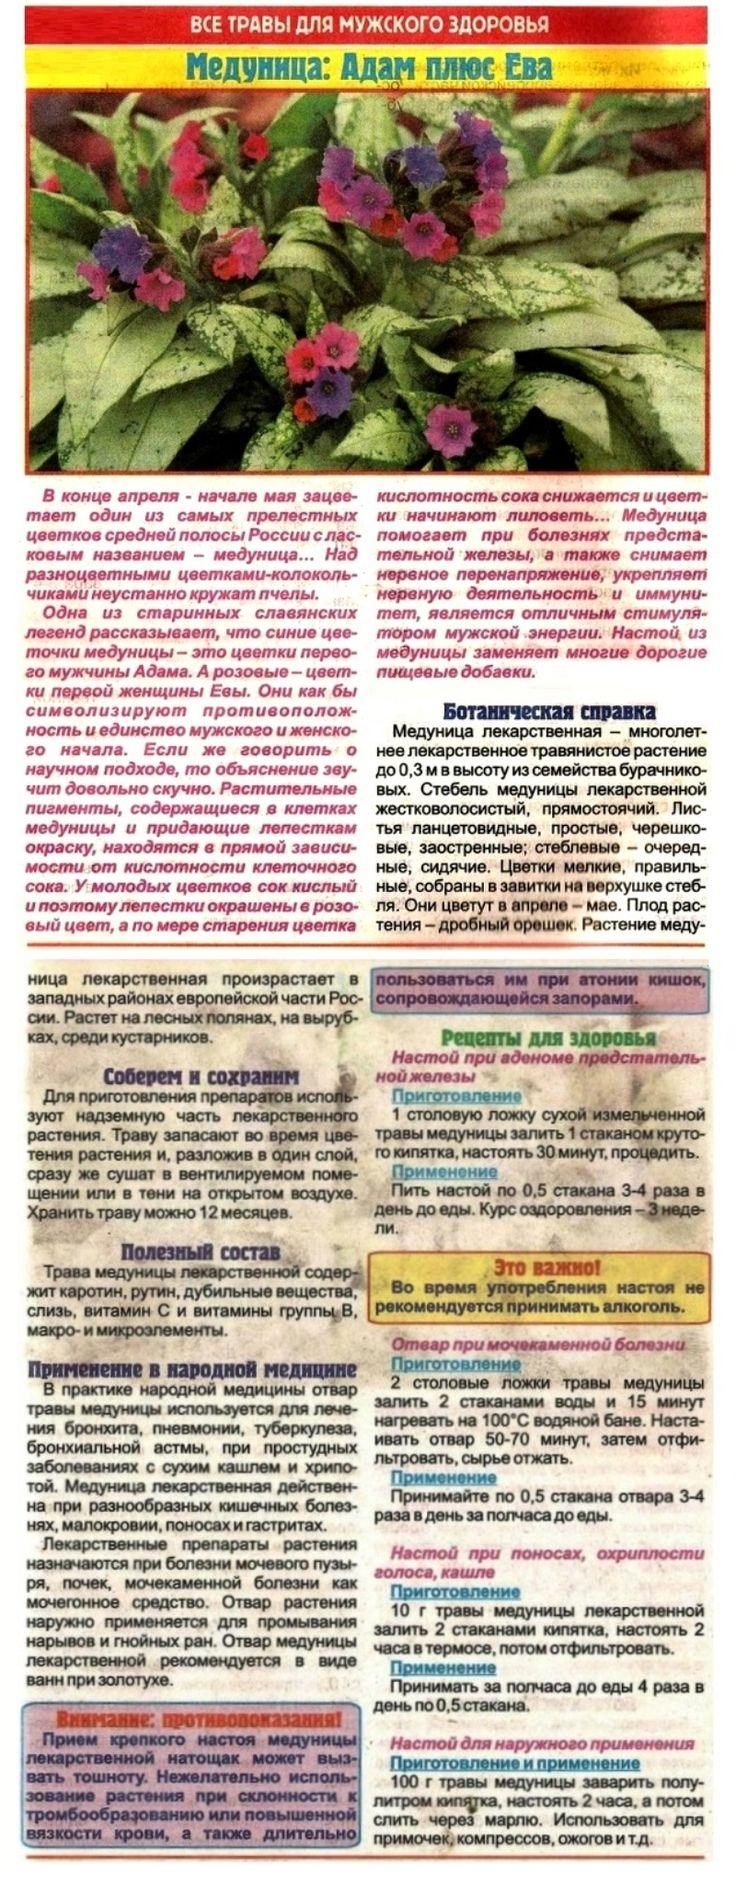 Растение датура (datura): полезные свойства дурмана и возможный вред от его употребления    что будет если съесть дурман